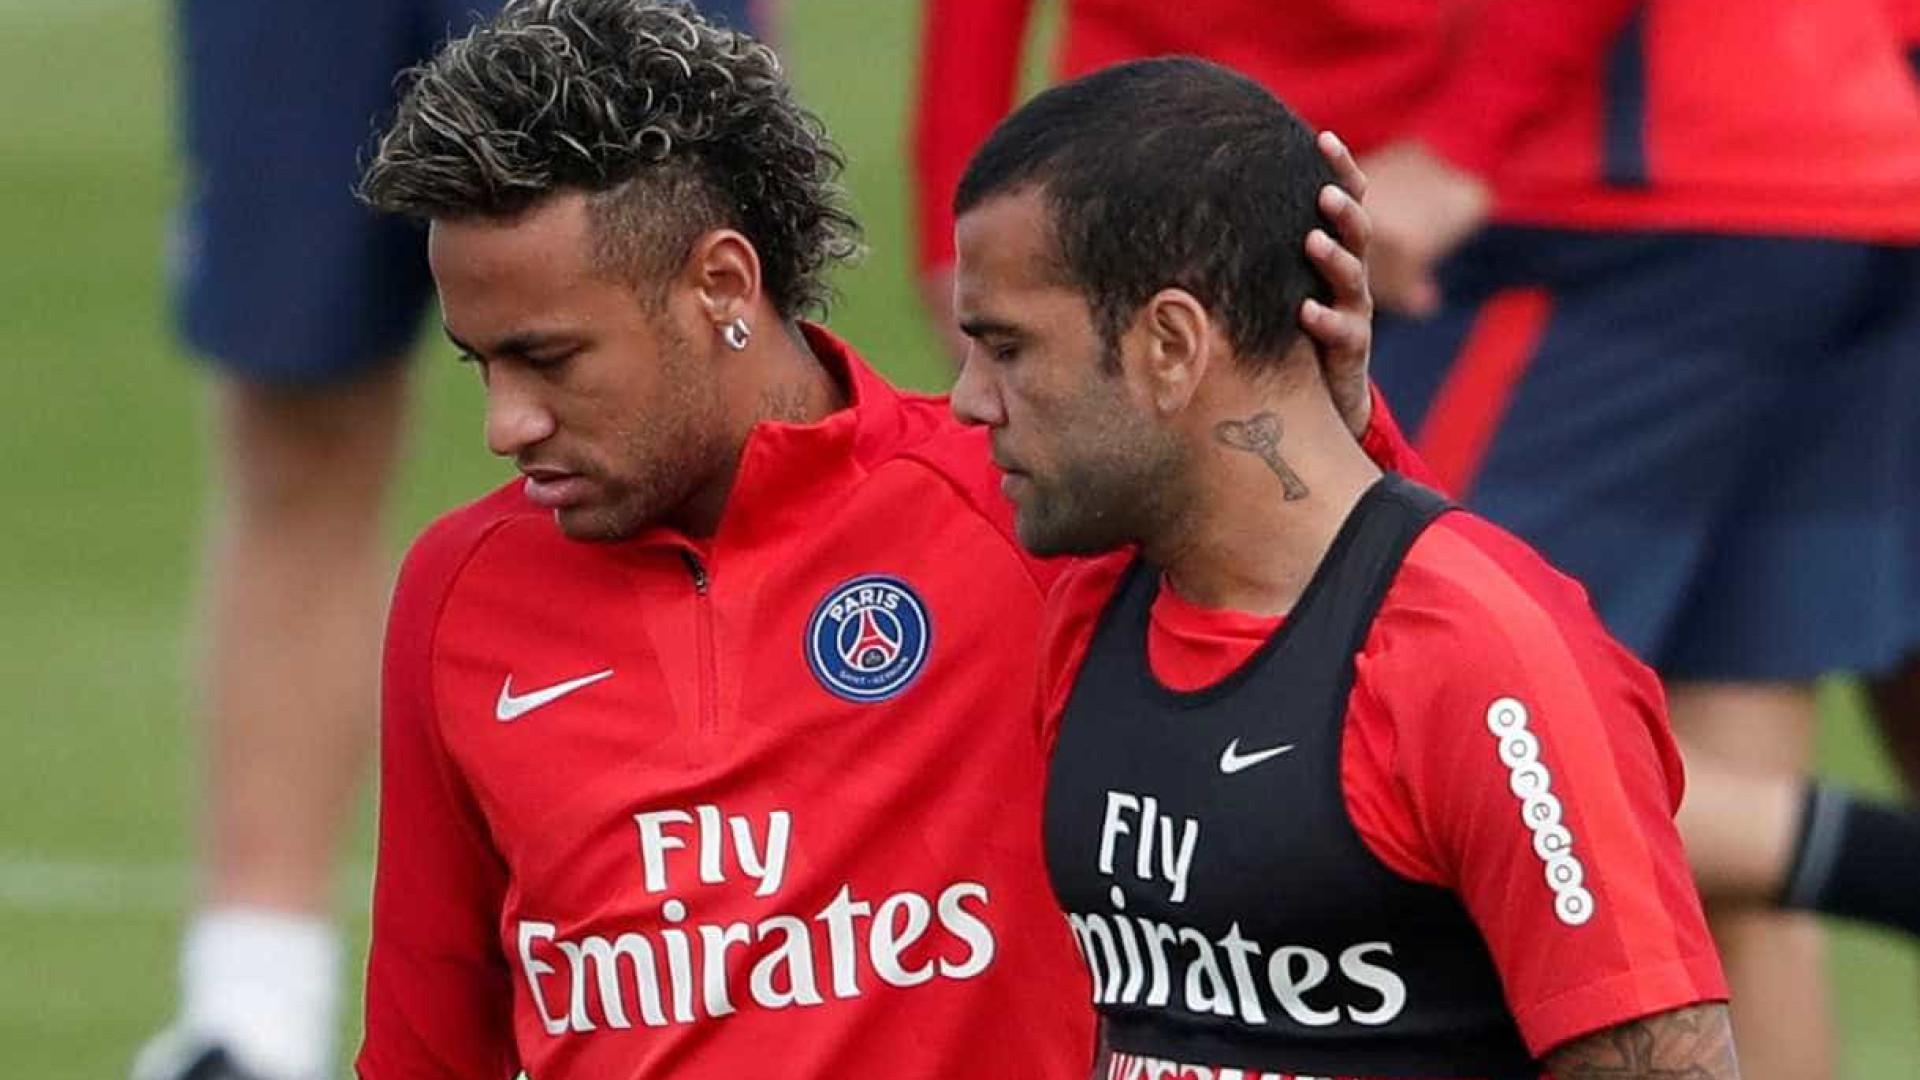 Rodada de domingo tem estreia de Neymar e superclássico na Espanha